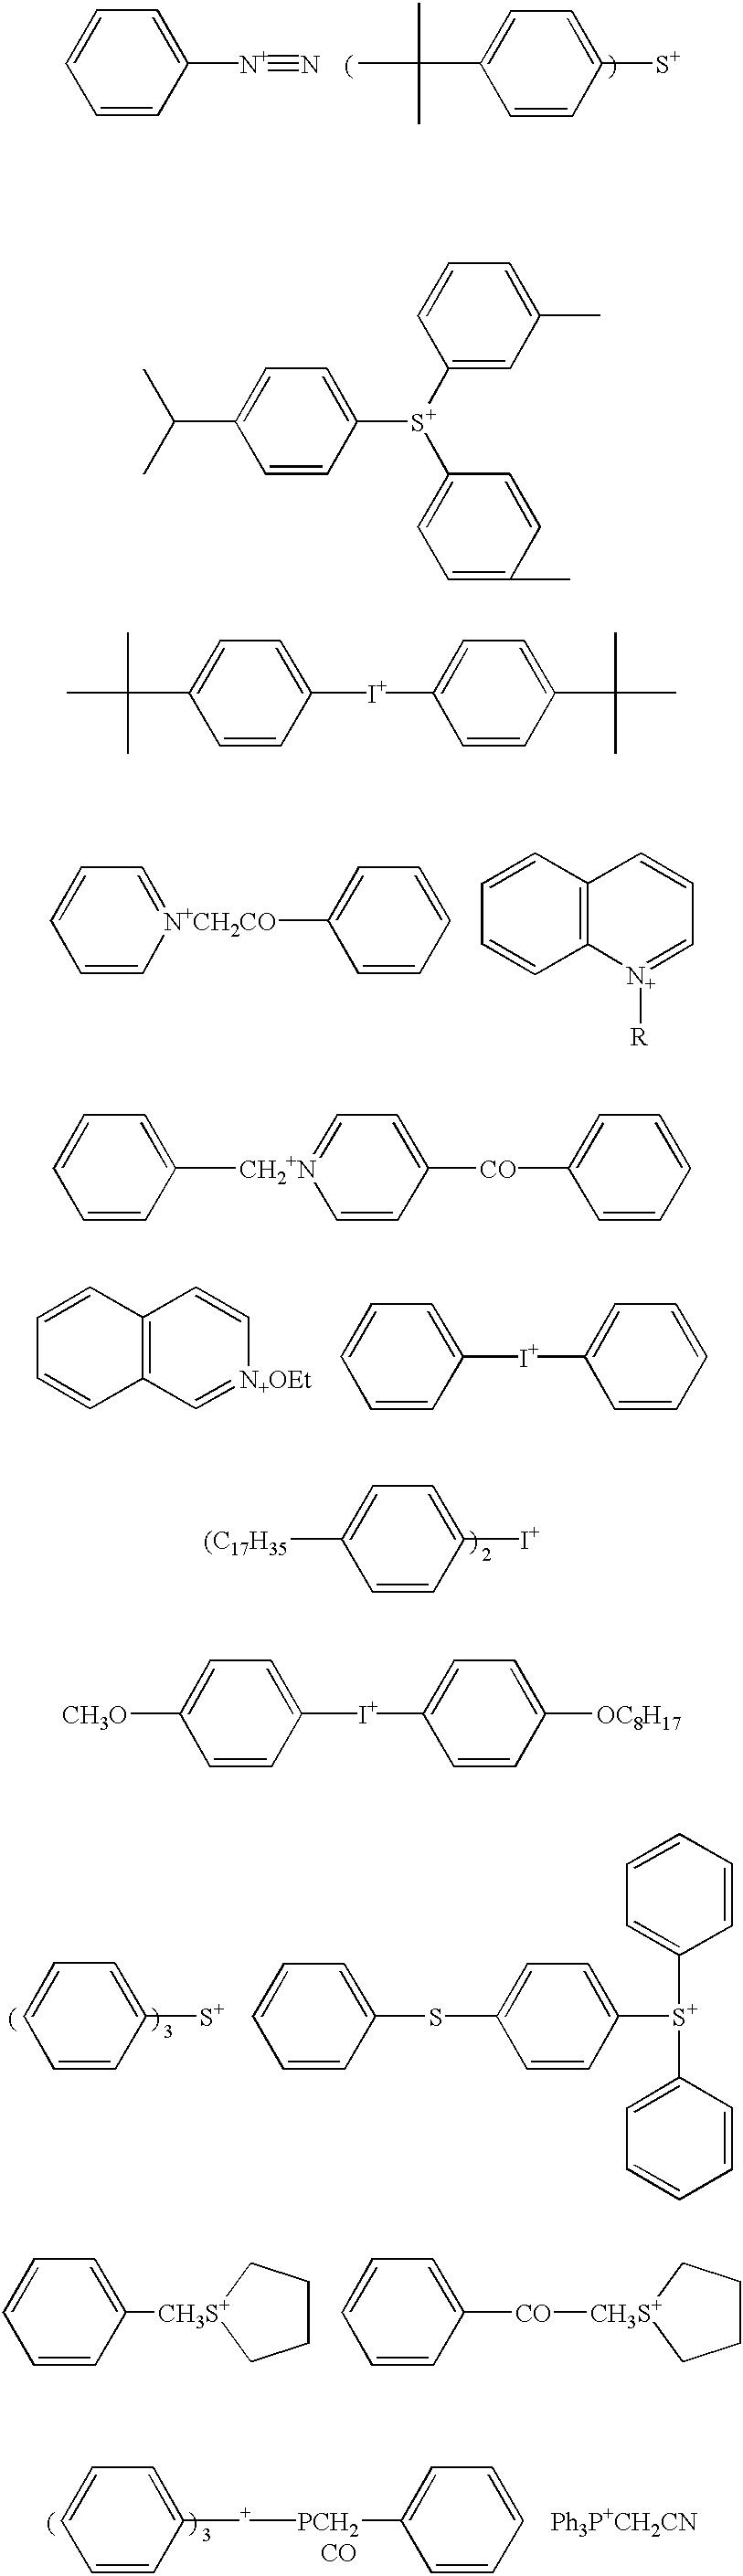 Figure US20030202082A1-20031030-C00015